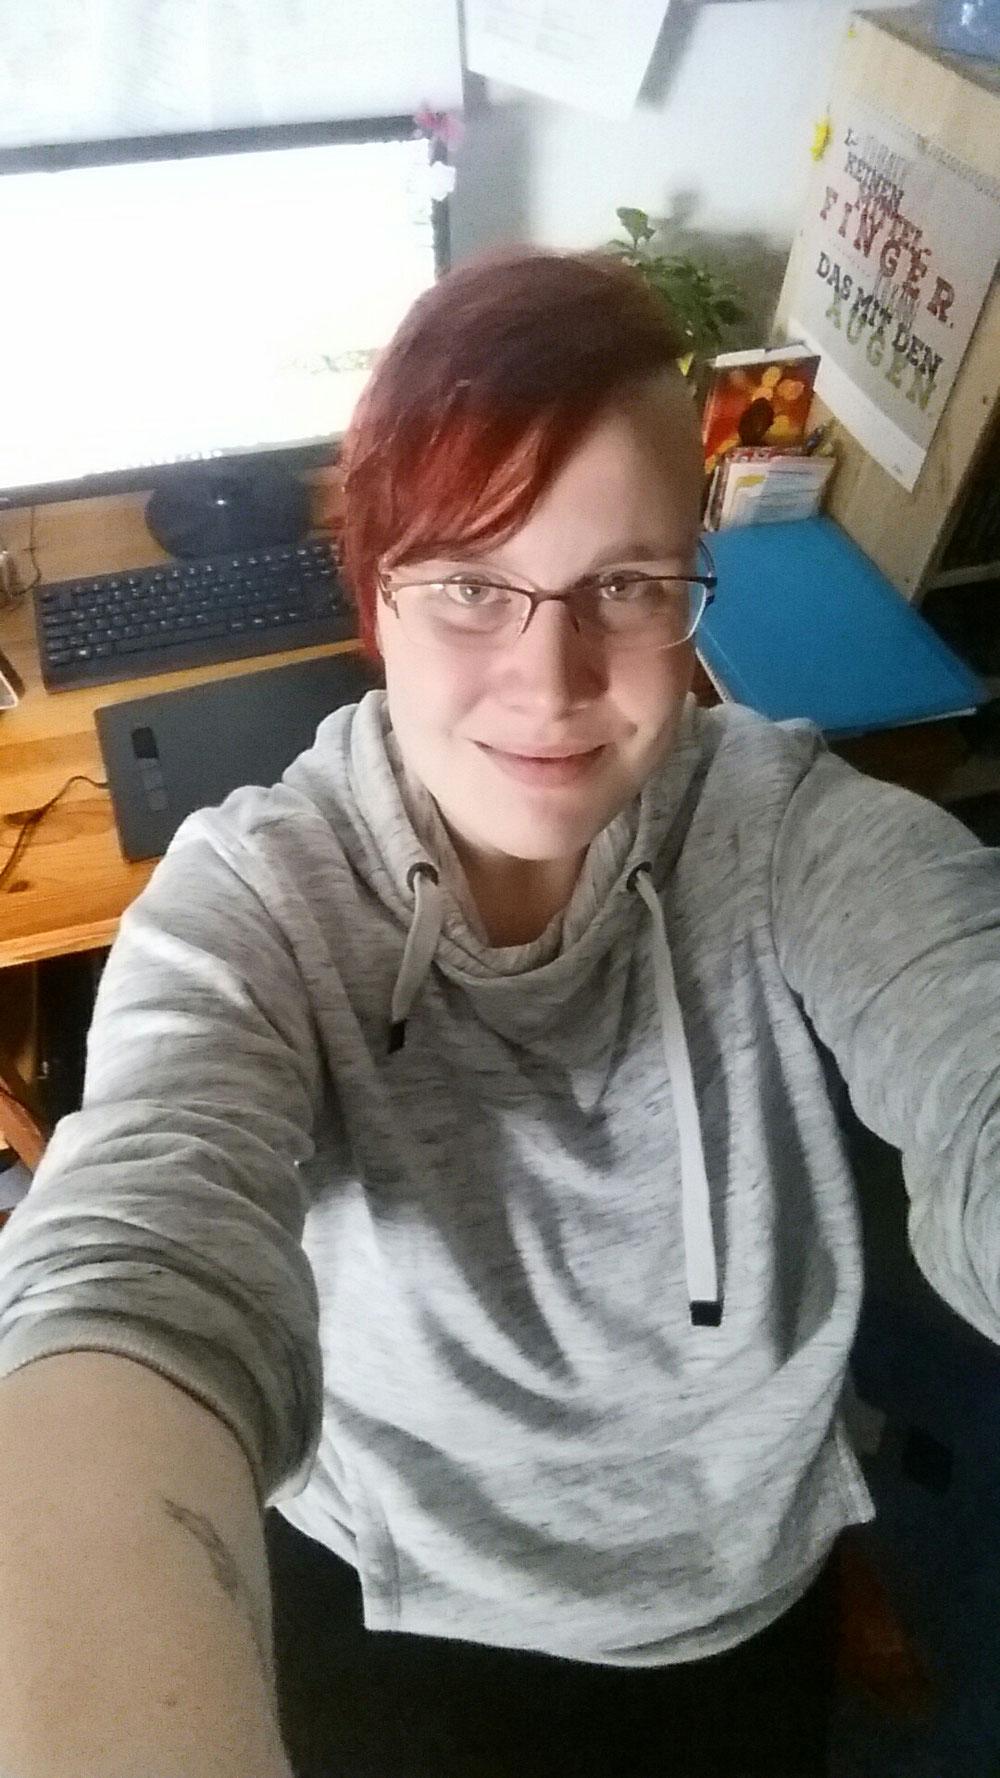 Selfie vom Schreibtisch